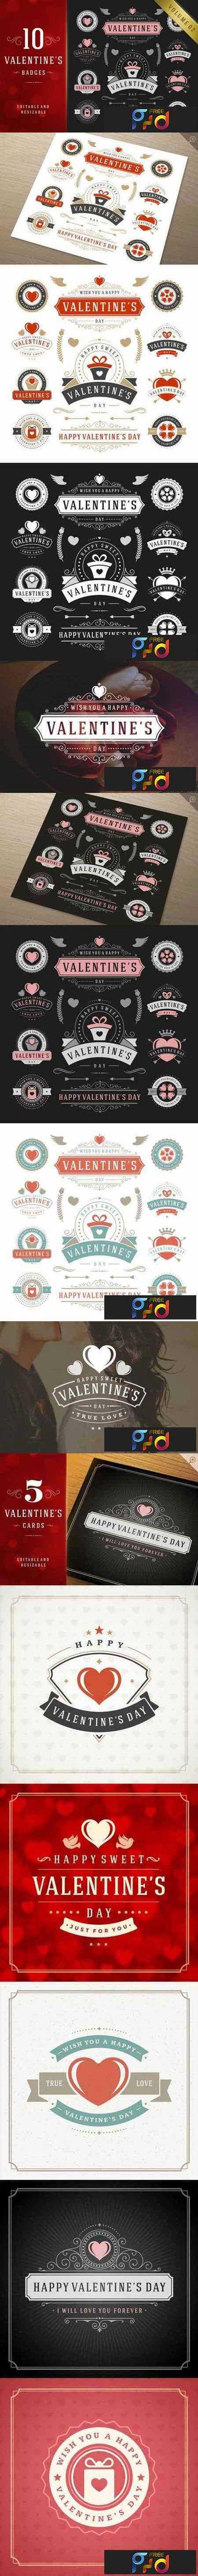 1801069 Valentine's Day Logo Badges & Labels 464629 1